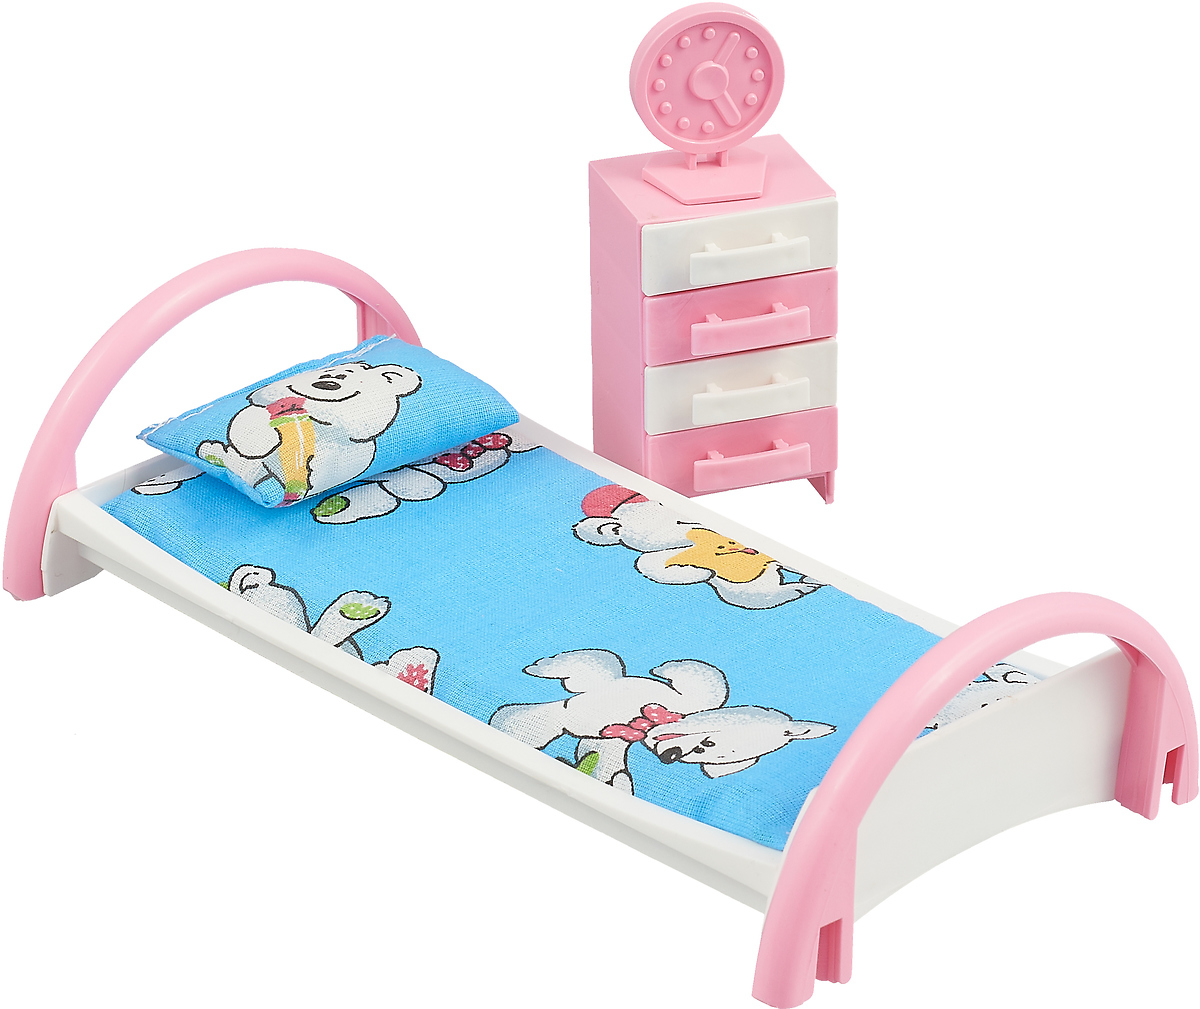 Форма Набор мебели для кукол Кровать с тумбочкой цвет голубой, белые мишки Форма Набор мебели для кукол Кровать с тумбочкой цвет голубой, белые...